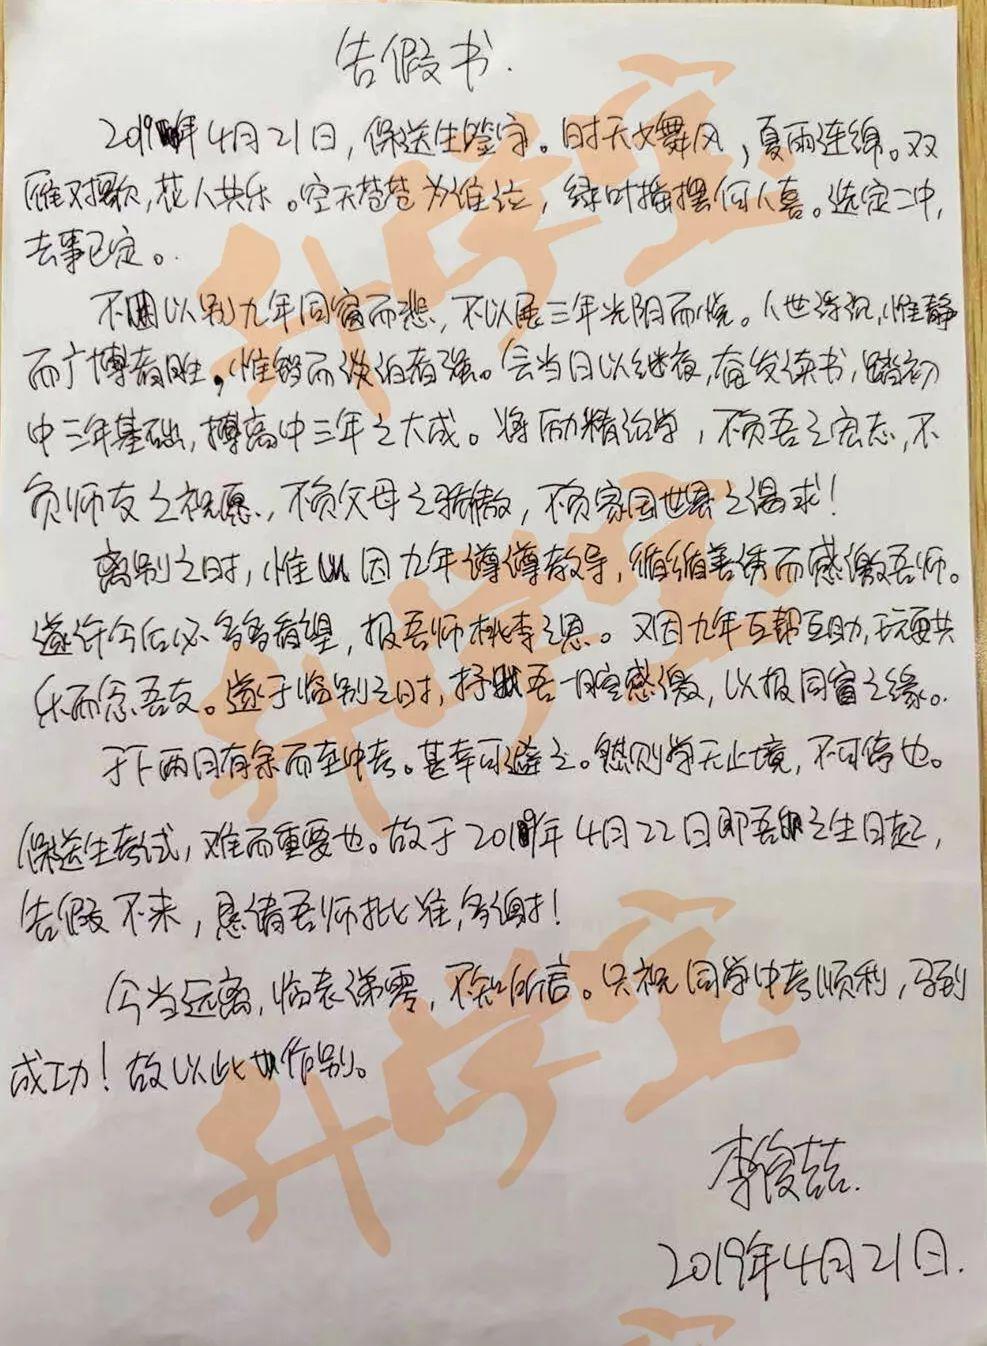 初三男生写的这张请假条火了!语文老师集体传阅……